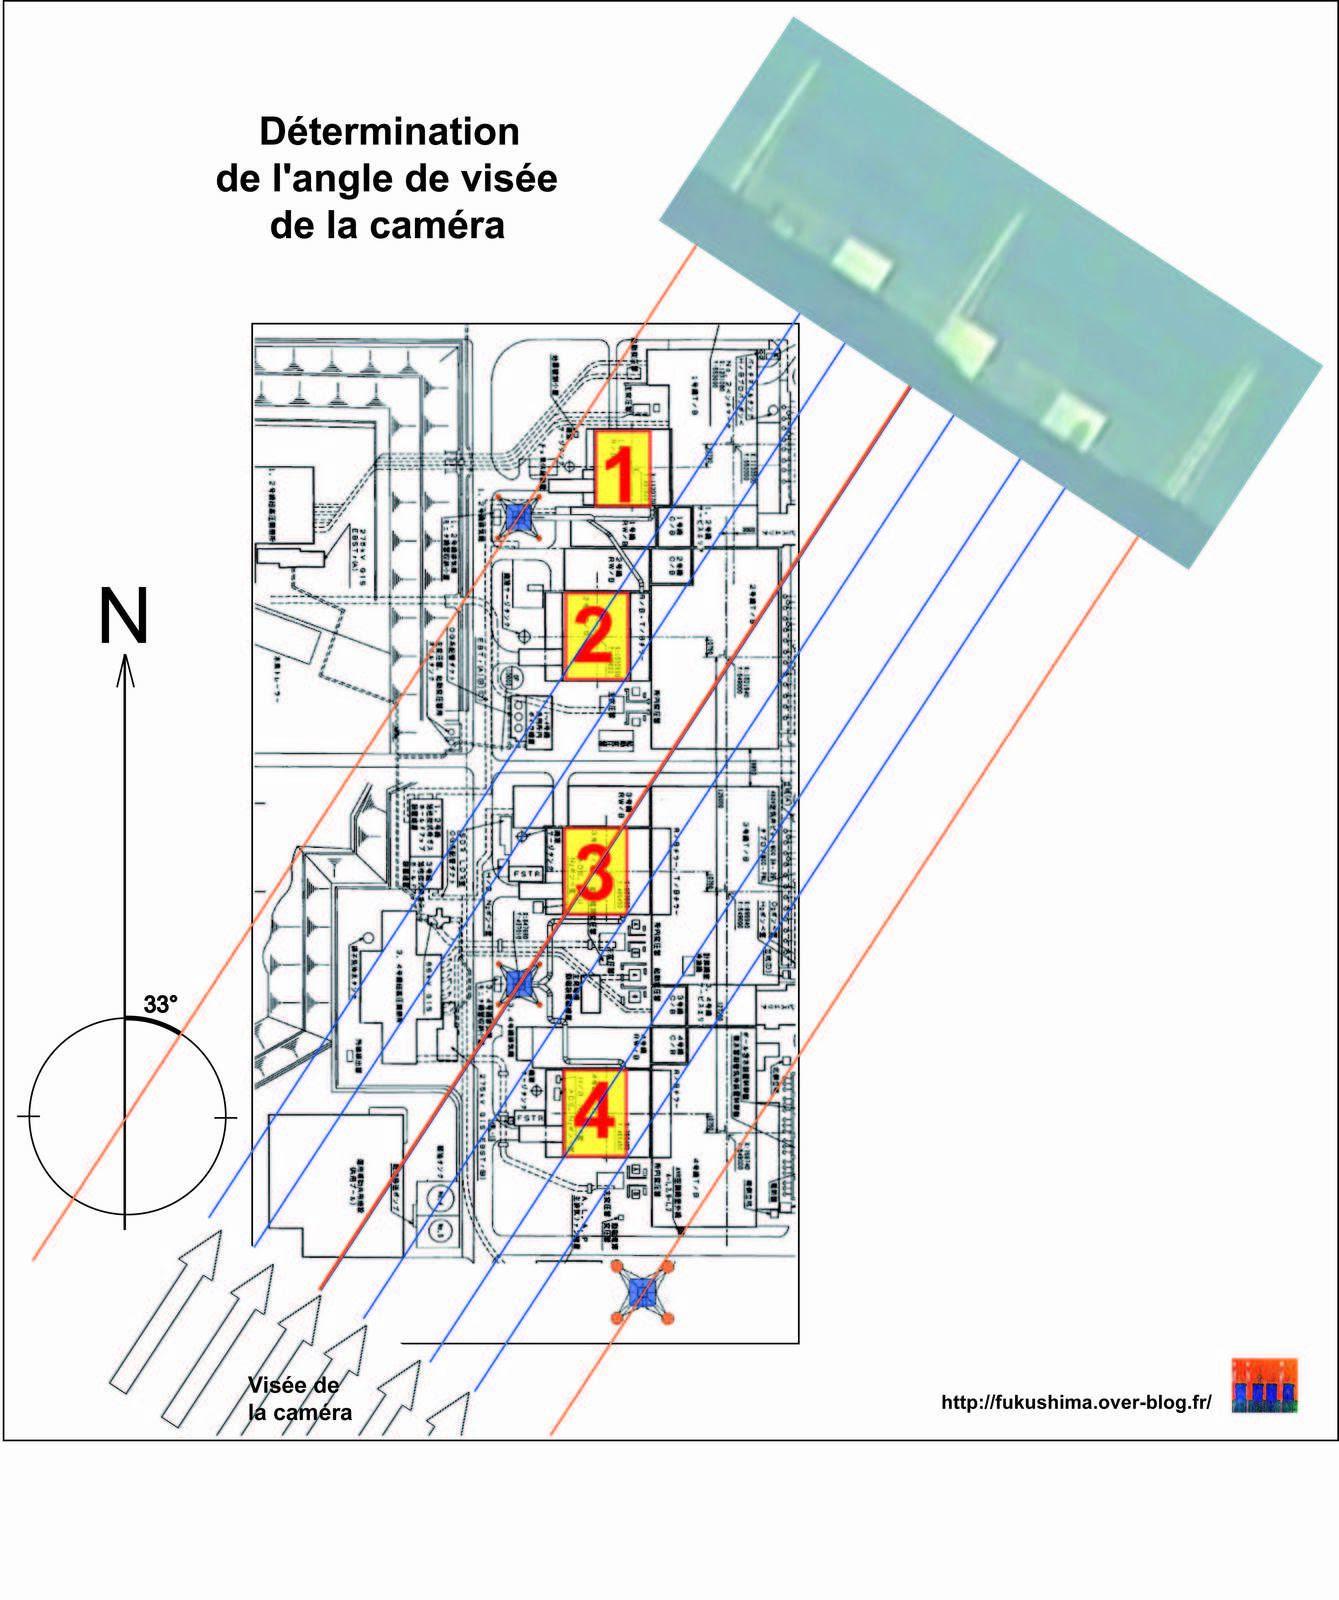 Fig. 18 : Détermination de l'angle de visée de la caméra